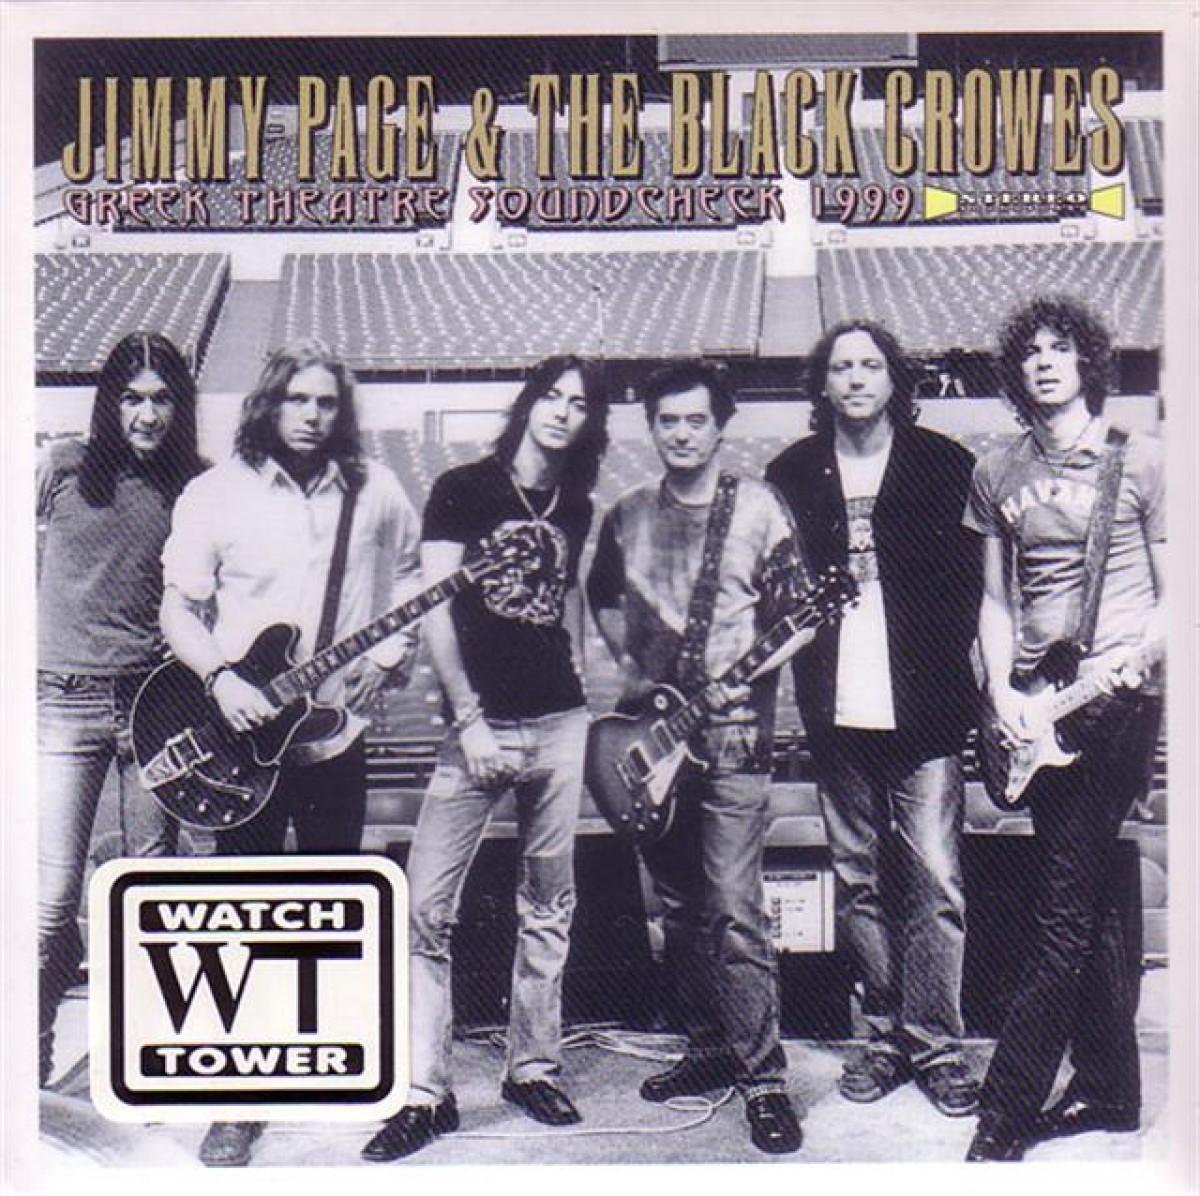 Jimmy Page & The Black Crowes: La reunió